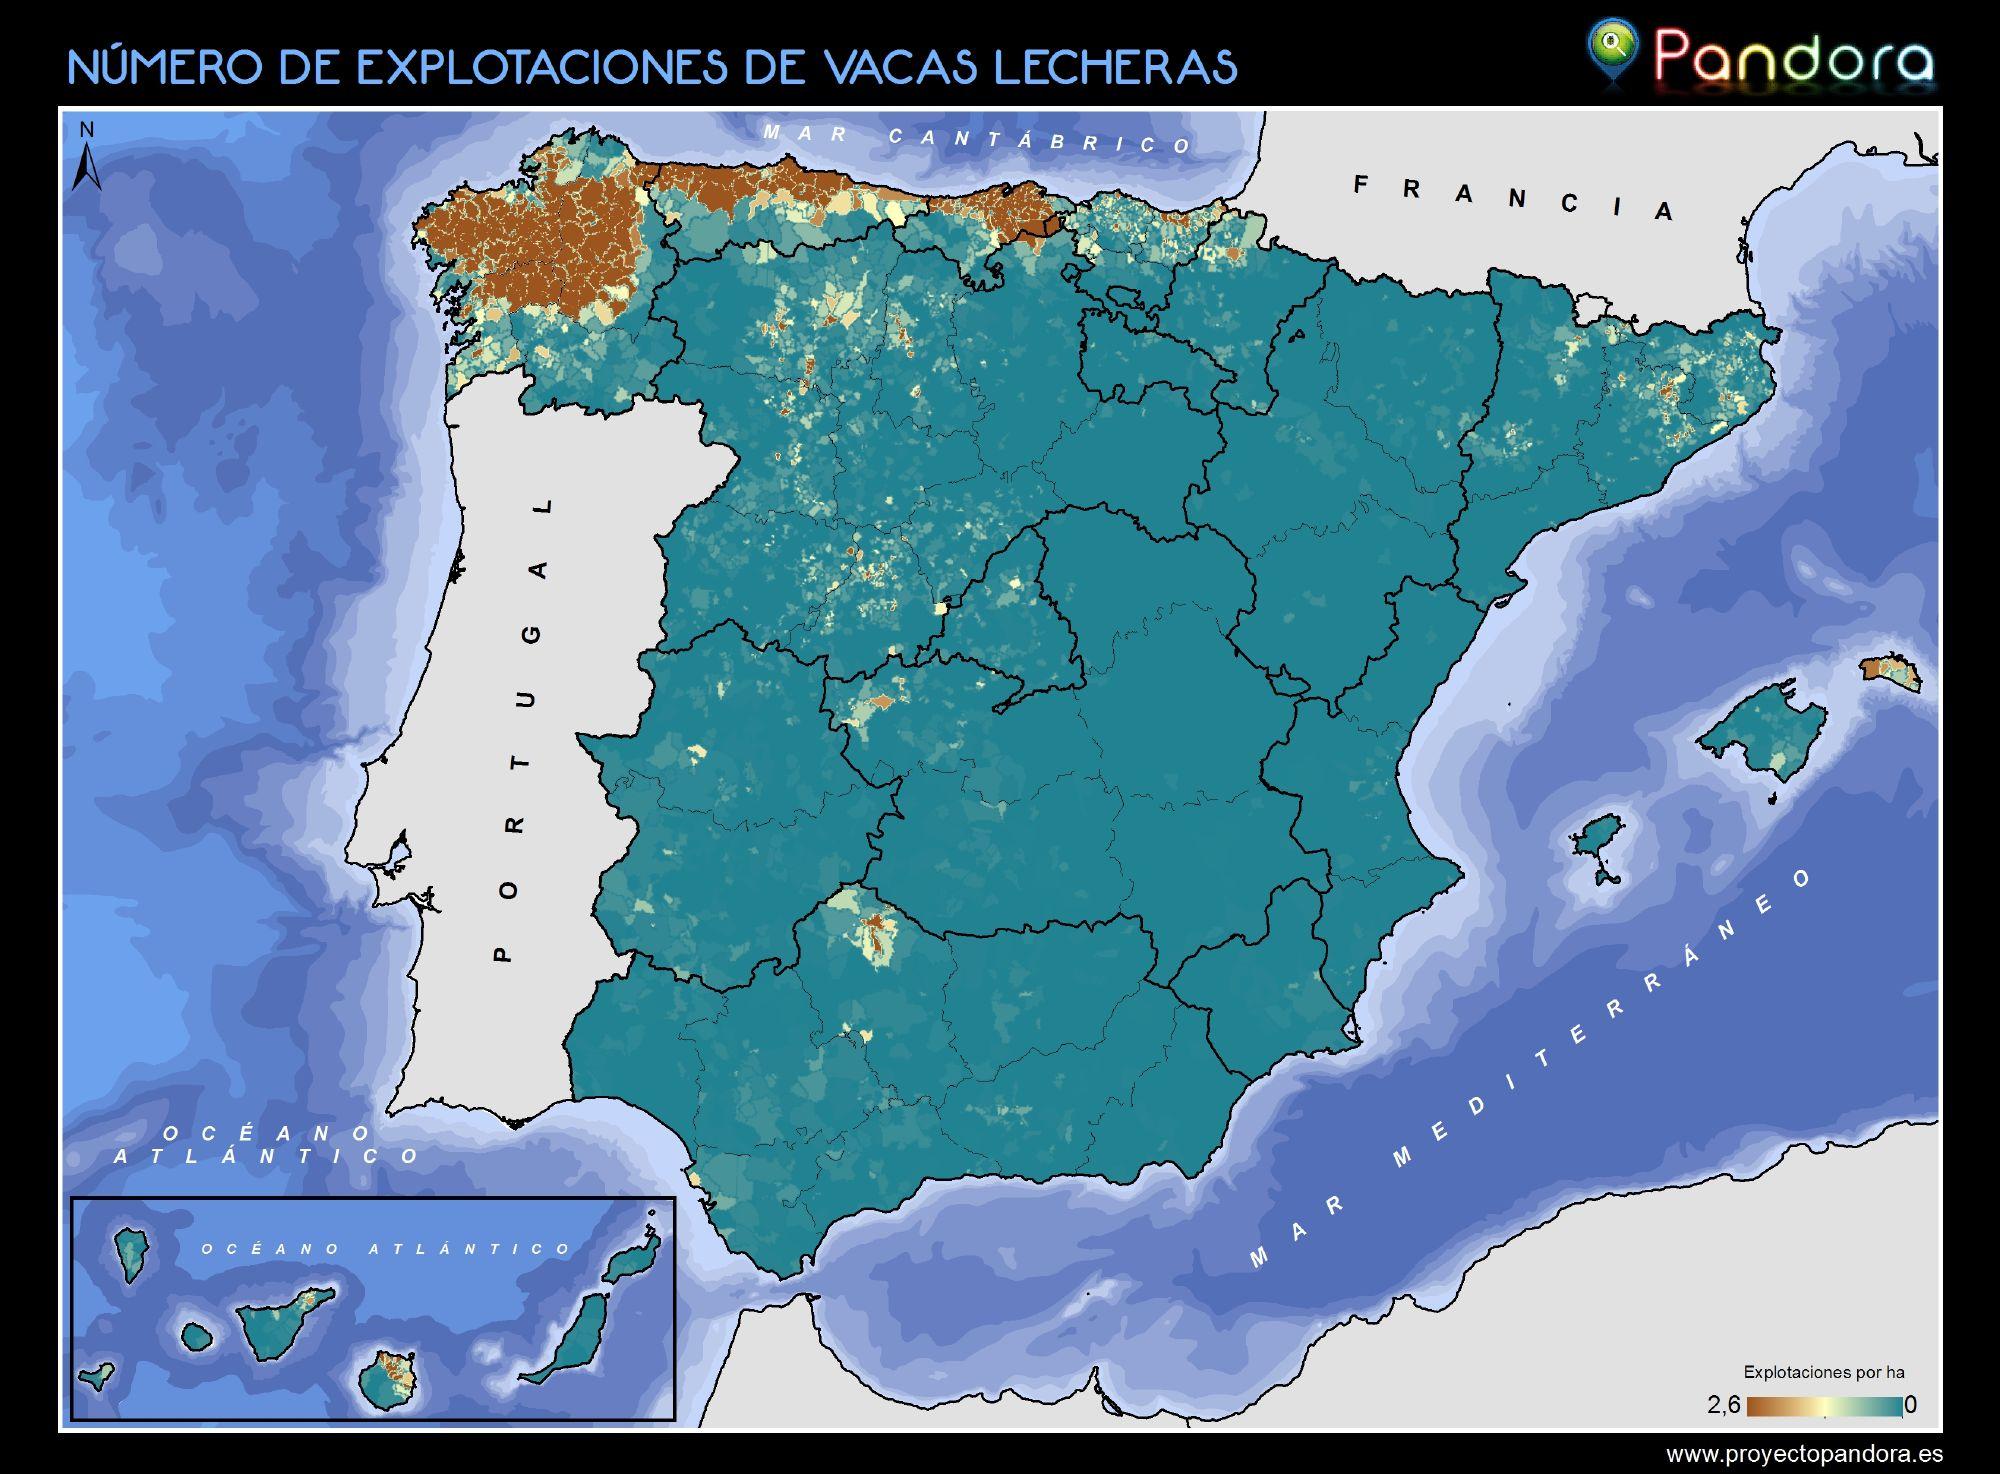 NÚMERO DE EXPLOTACIONES DE VACAS LECHERAS EN ESPAÑA